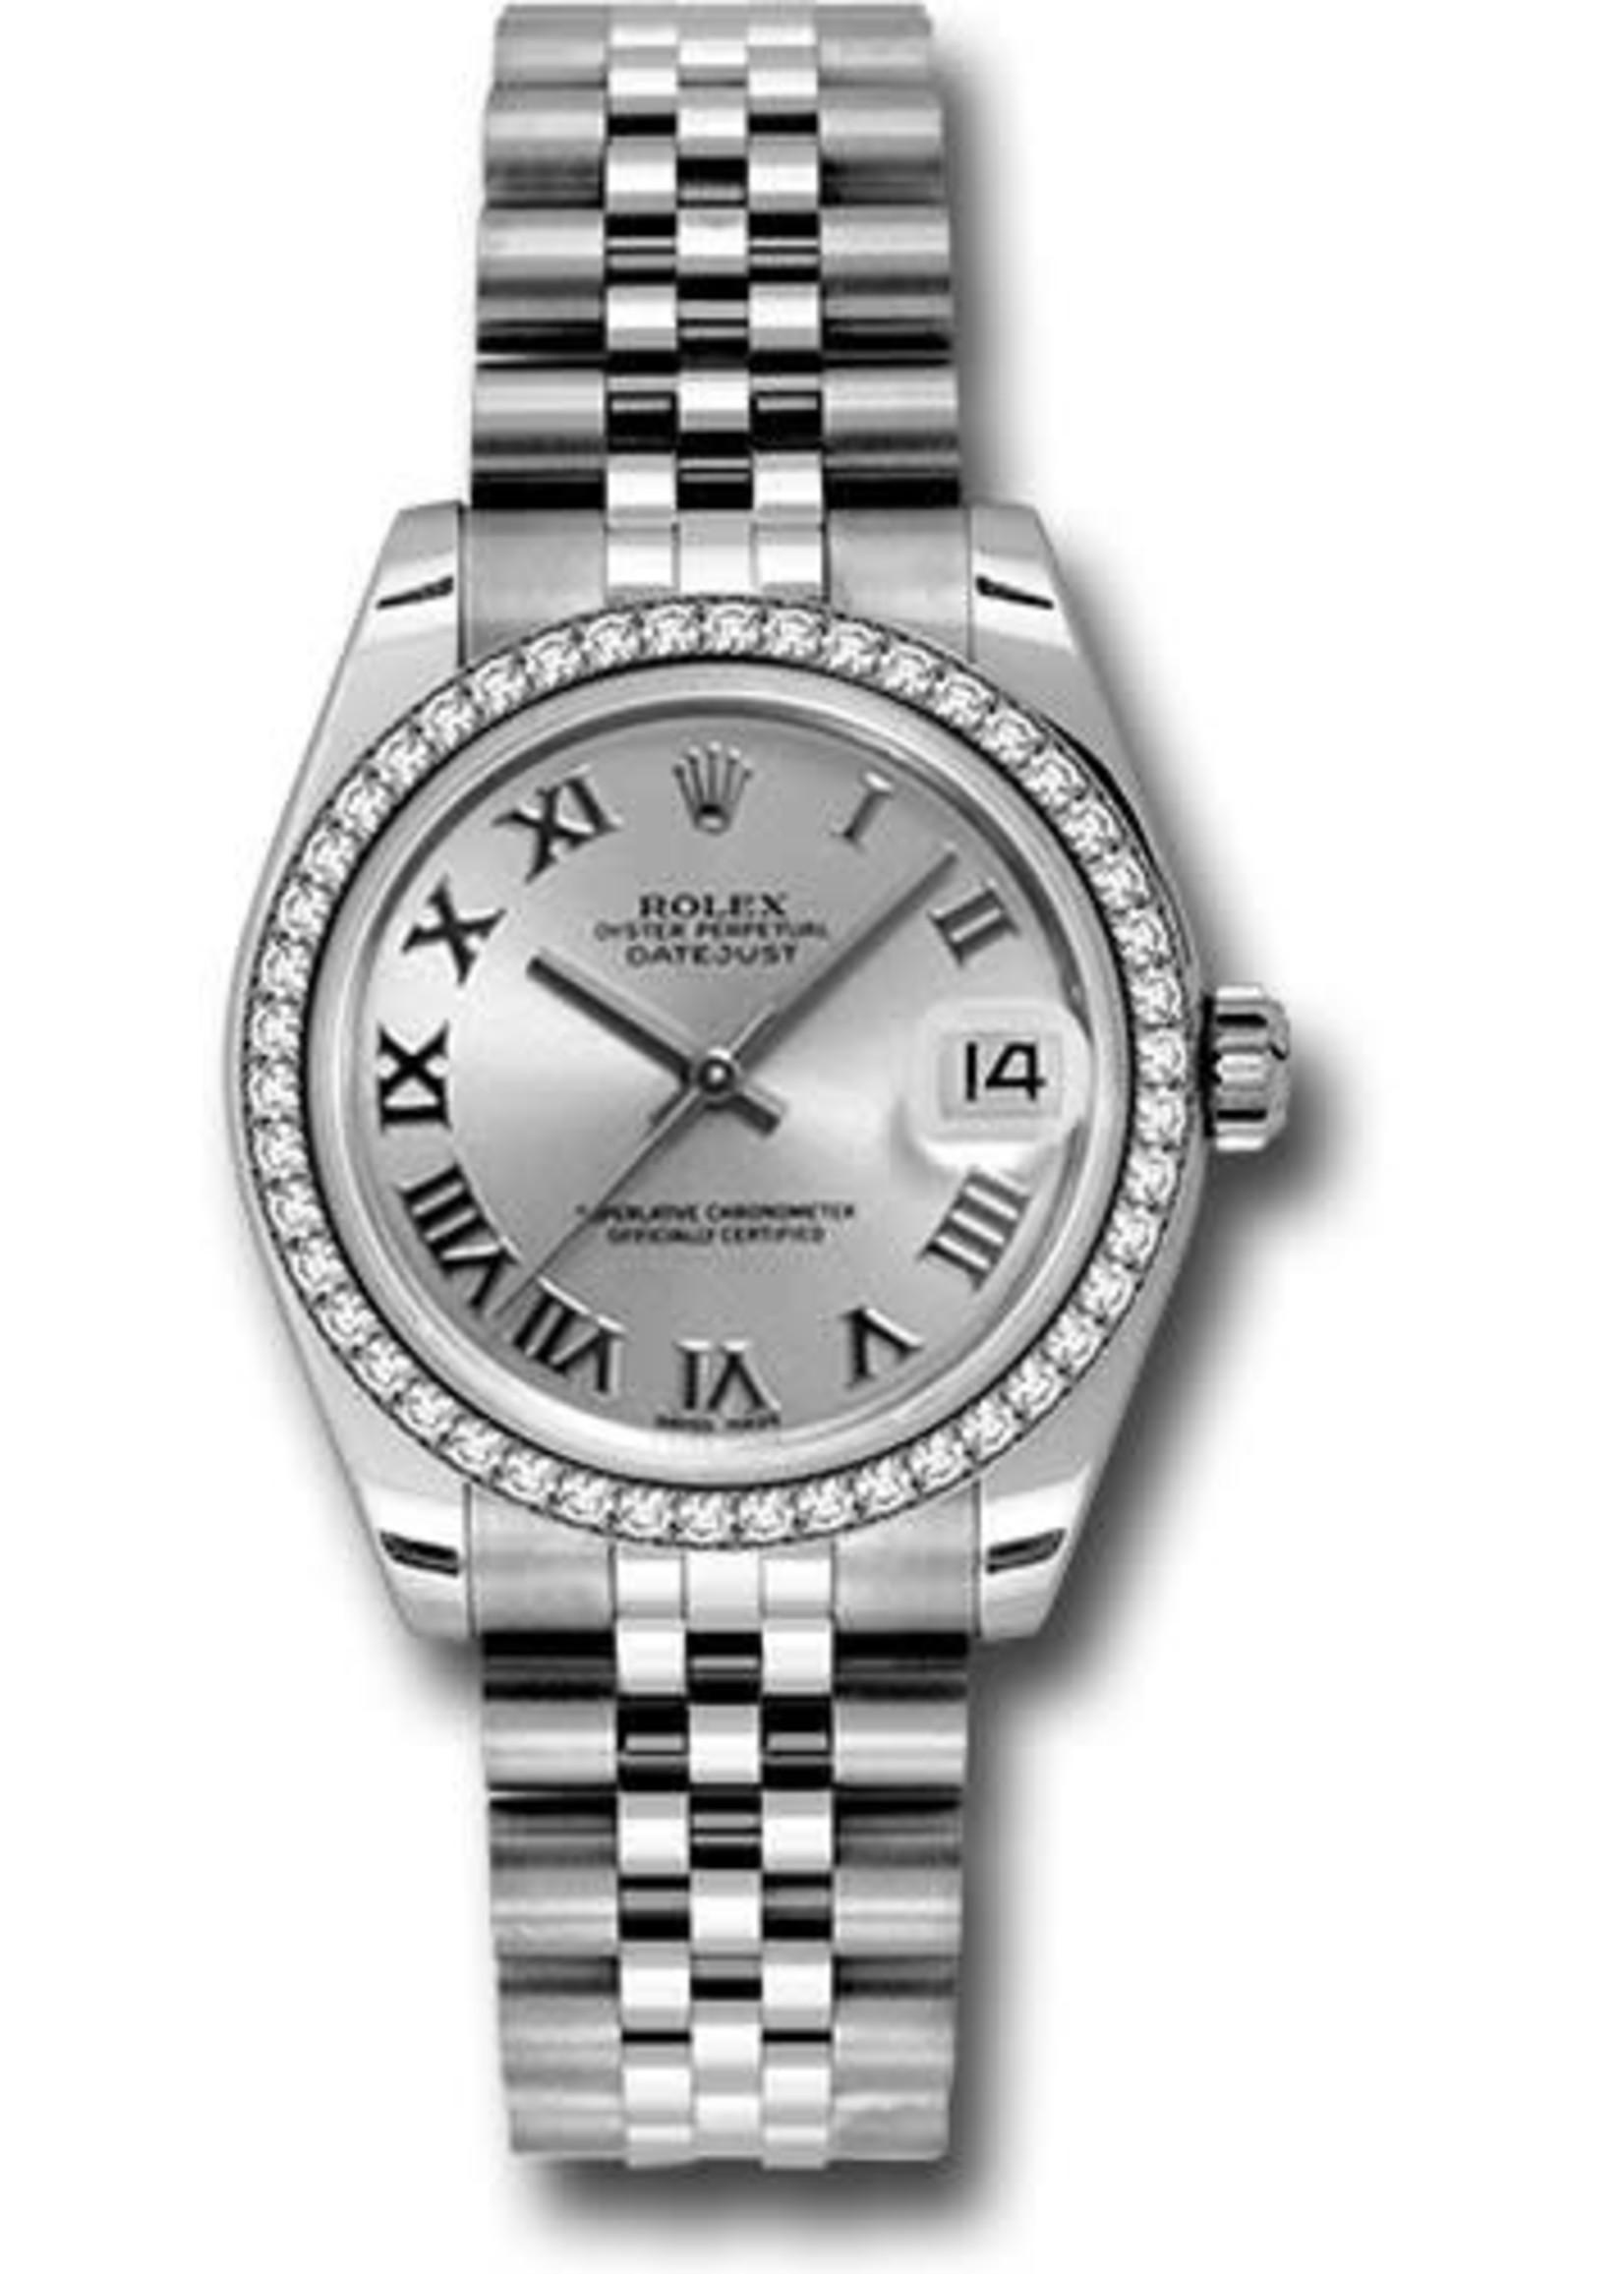 Rolex Watches ROLEX DATEJUST  31MM #178384 (2011 B+P) BRAND NEW NEVER WORN